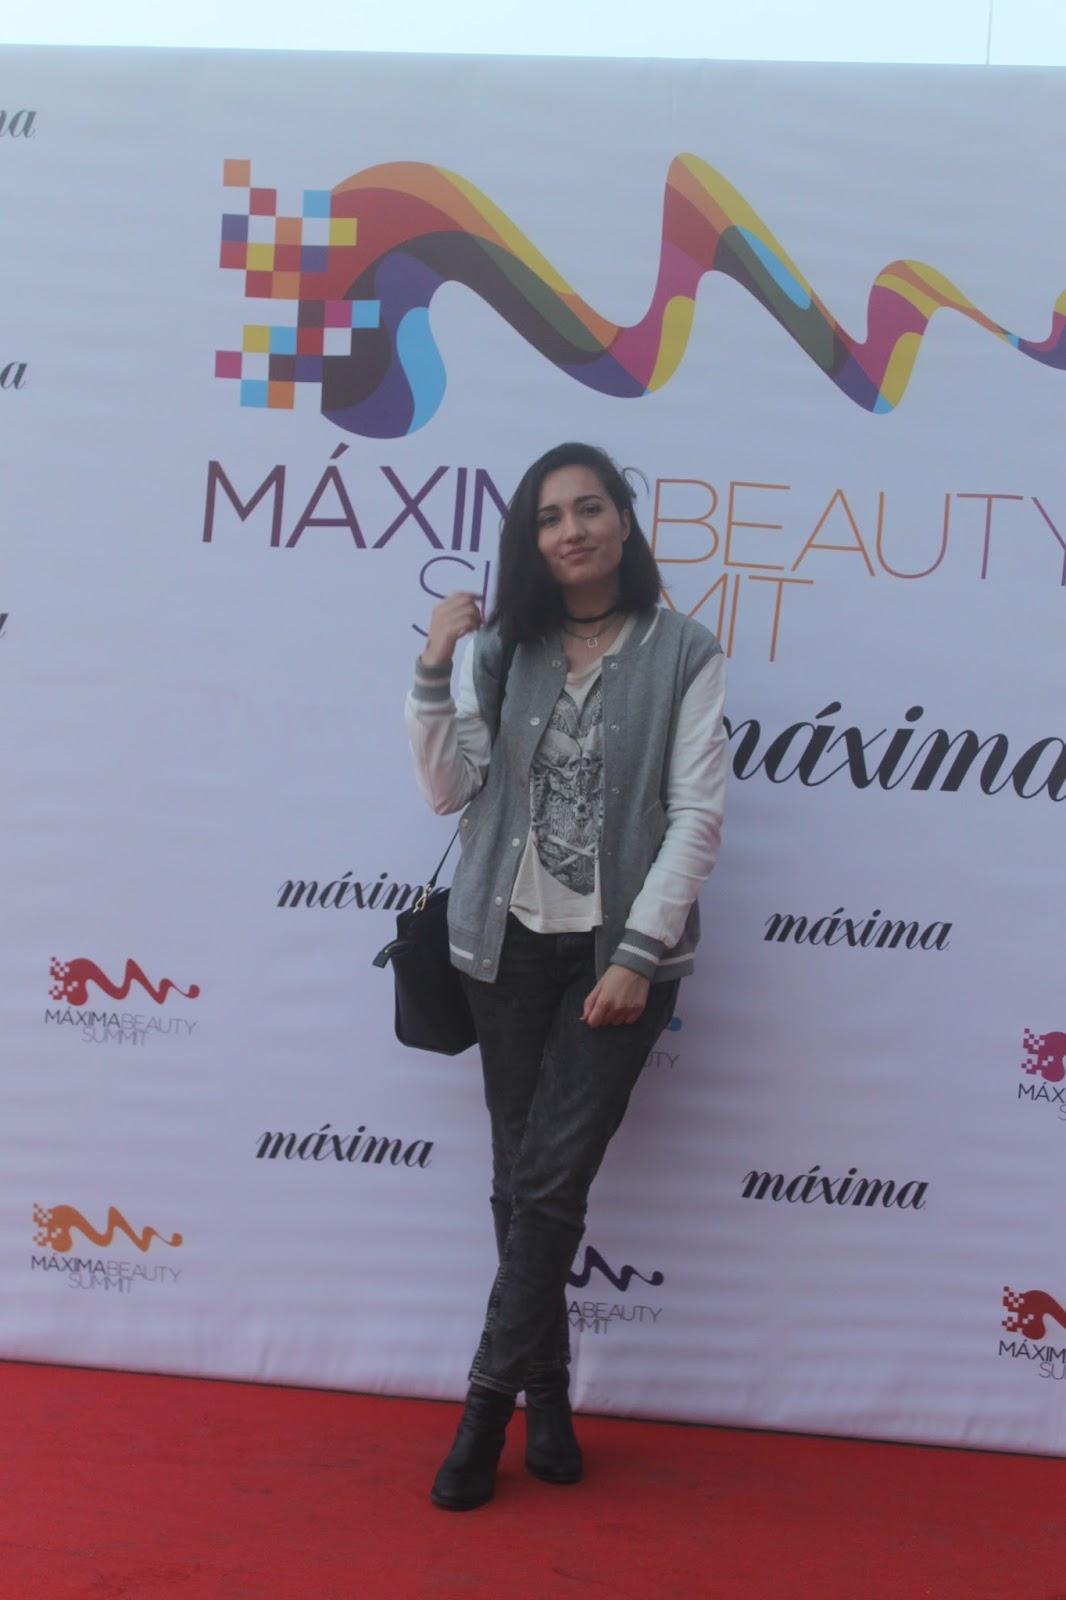 Máxima Beauty Summit